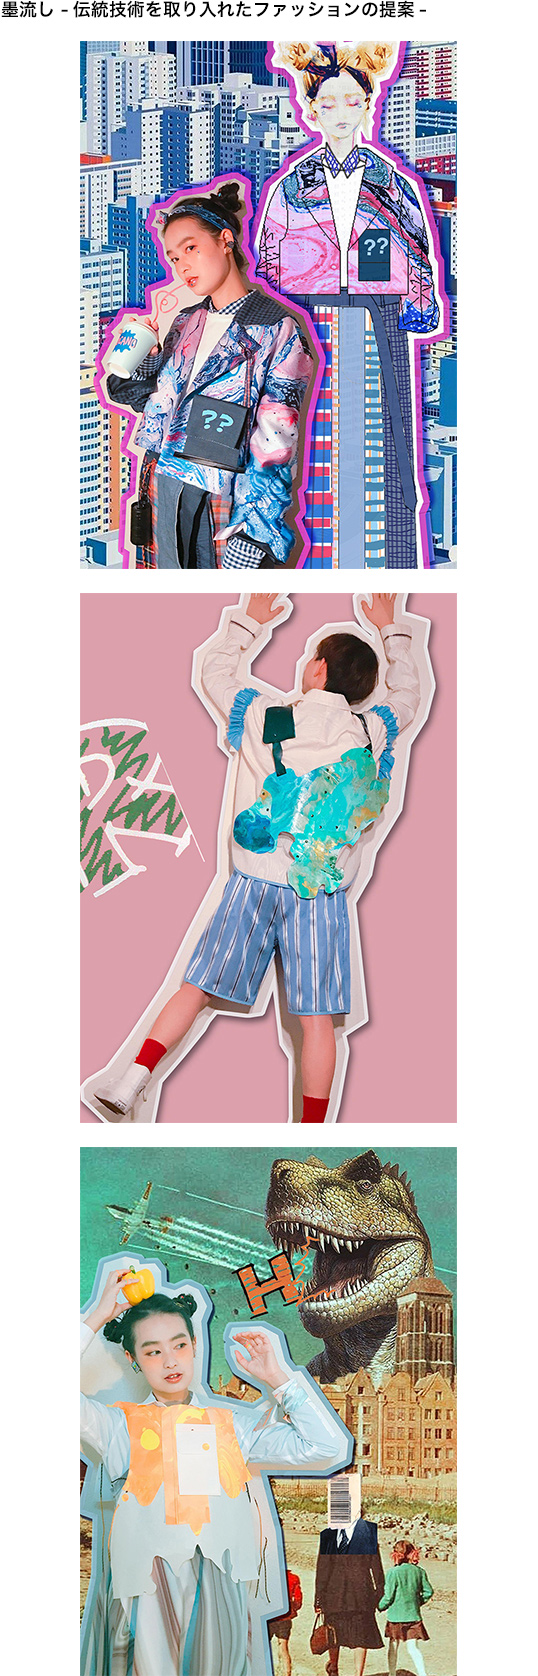 ファッションクリエイション専攻 ファッションテクノロジーコース2年生:テン キョウ Tian Jiao